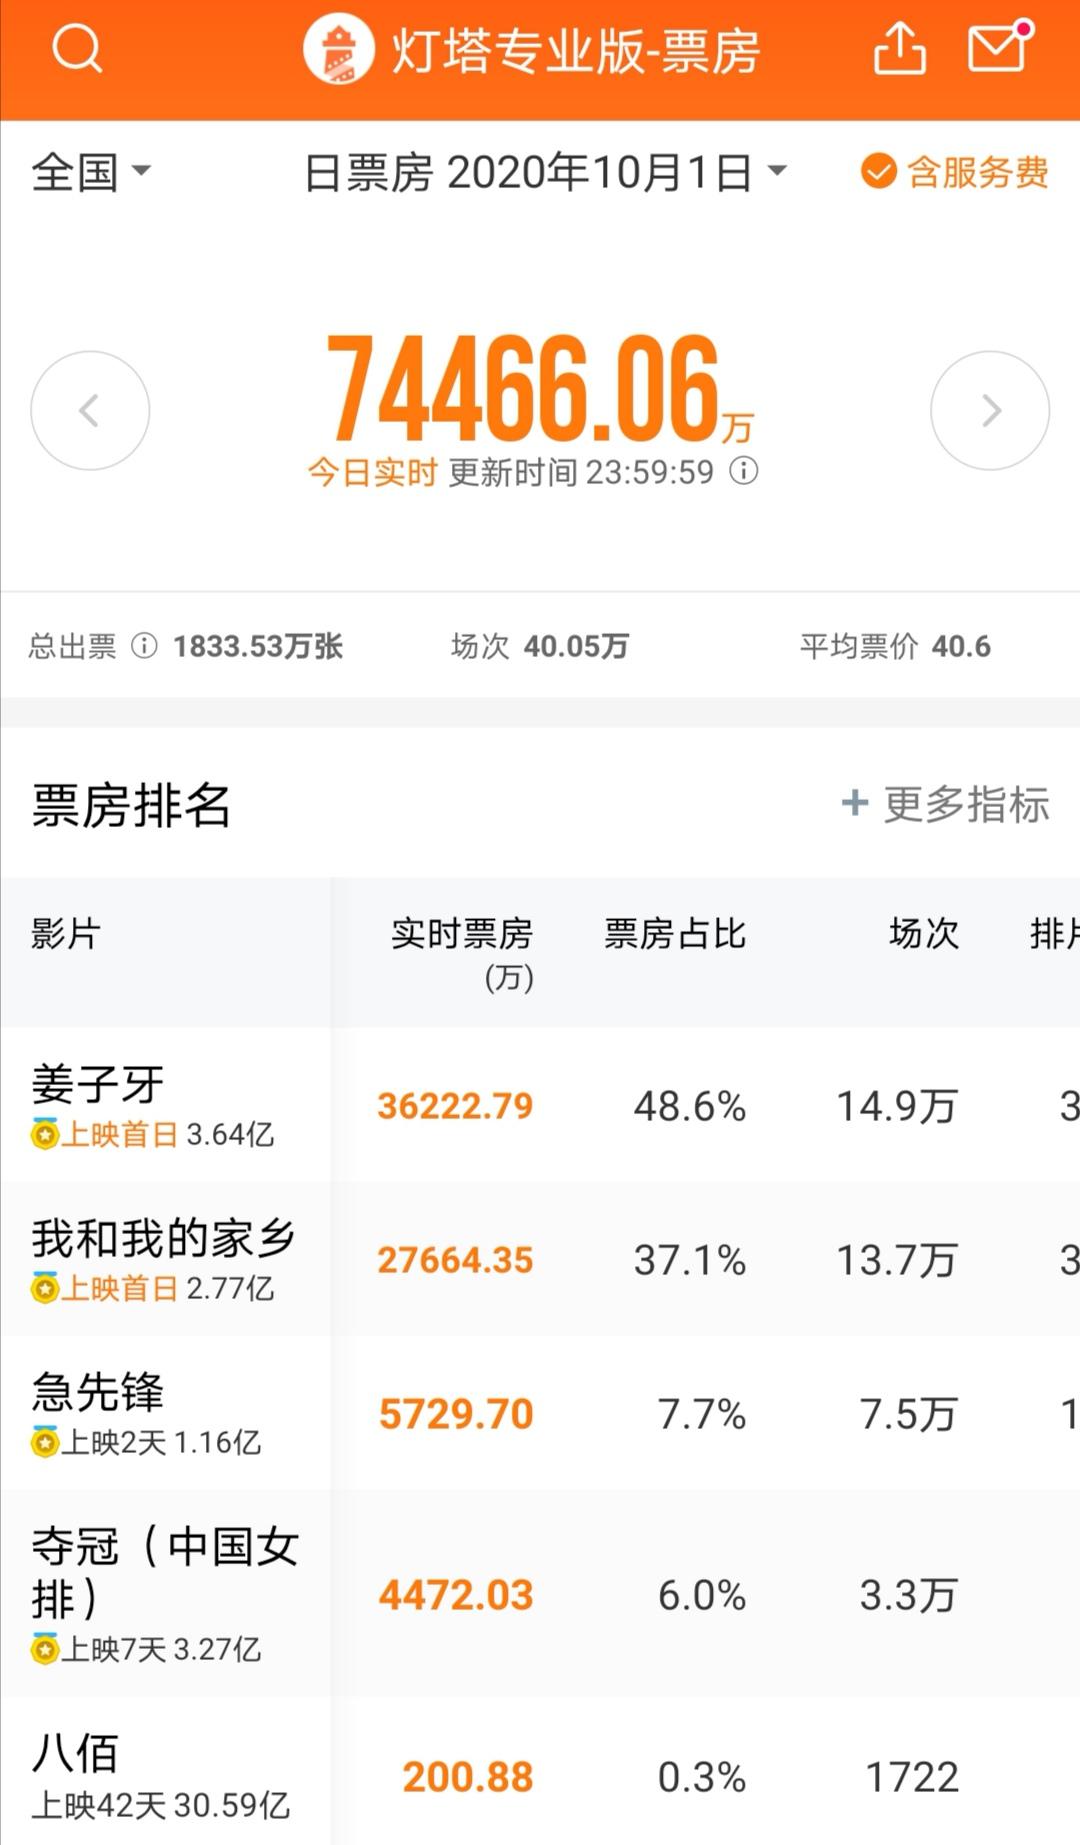 《姜子牙》首日票房创纪录破3.6亿:500亿影视巨头狂拉6%